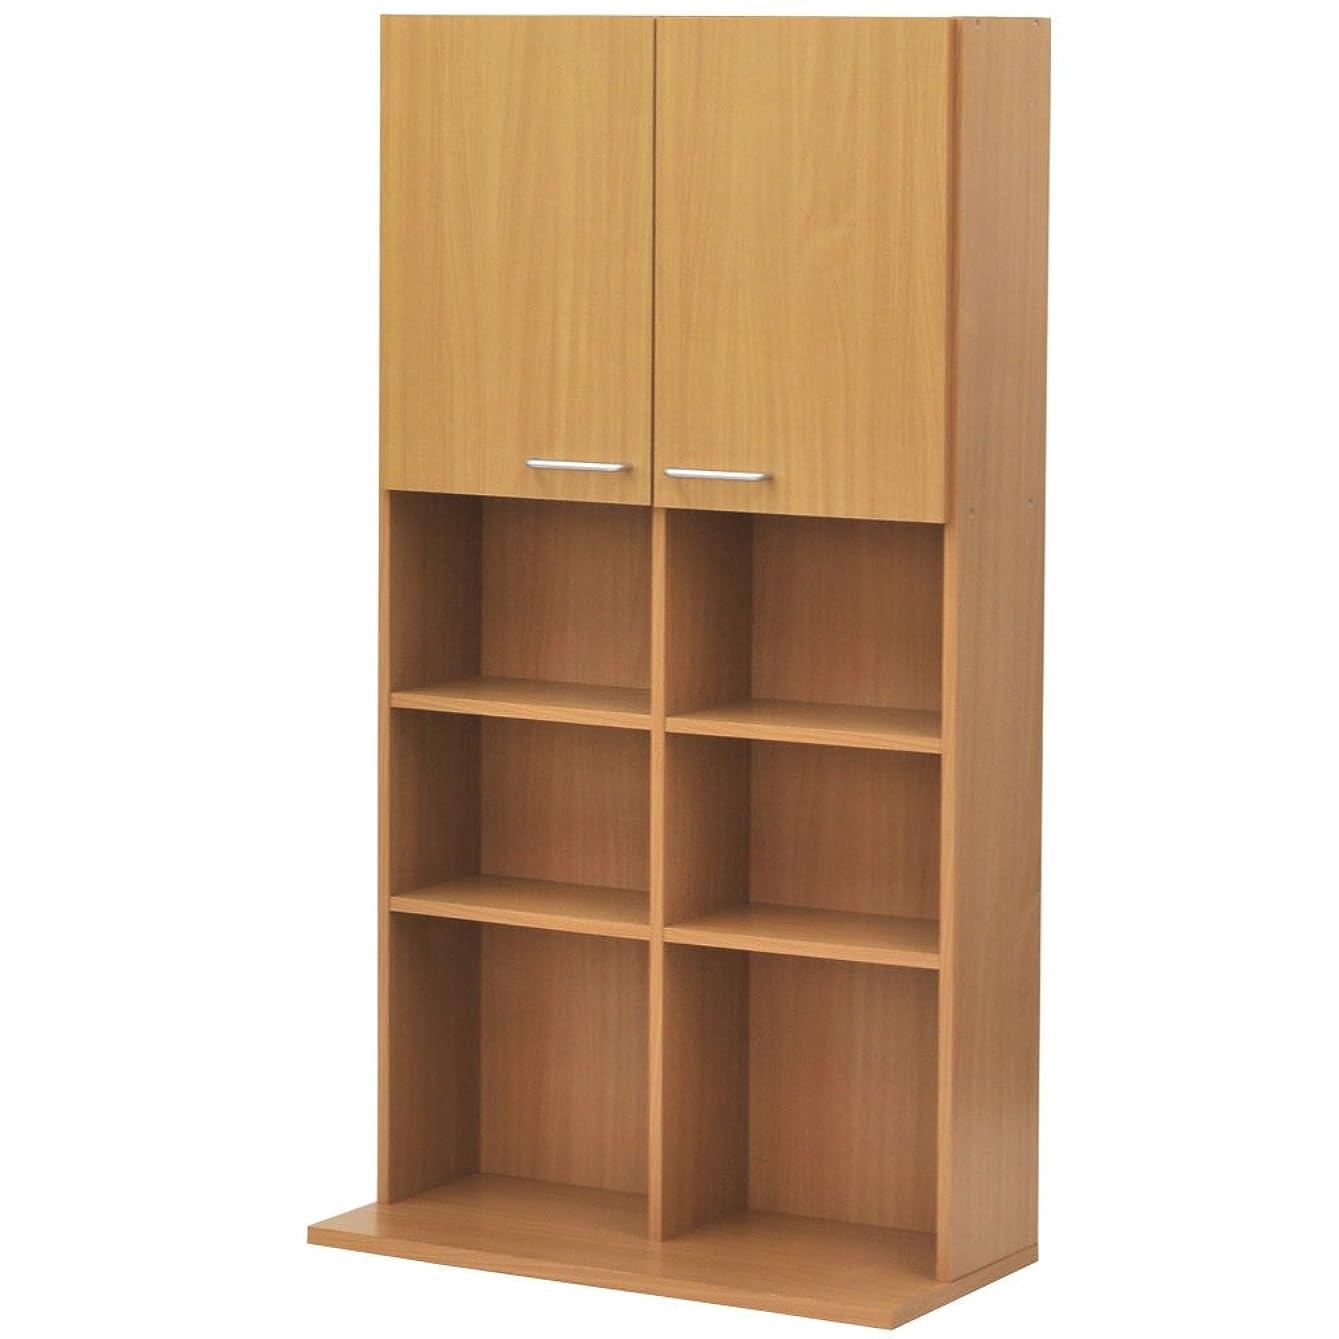 終了する考え必要性ぼん家具 【完成品+設置】 ディスプレイラック 収納 ラック 本棚 整理棚 棚 〔幅80cm〕 ナチュラル